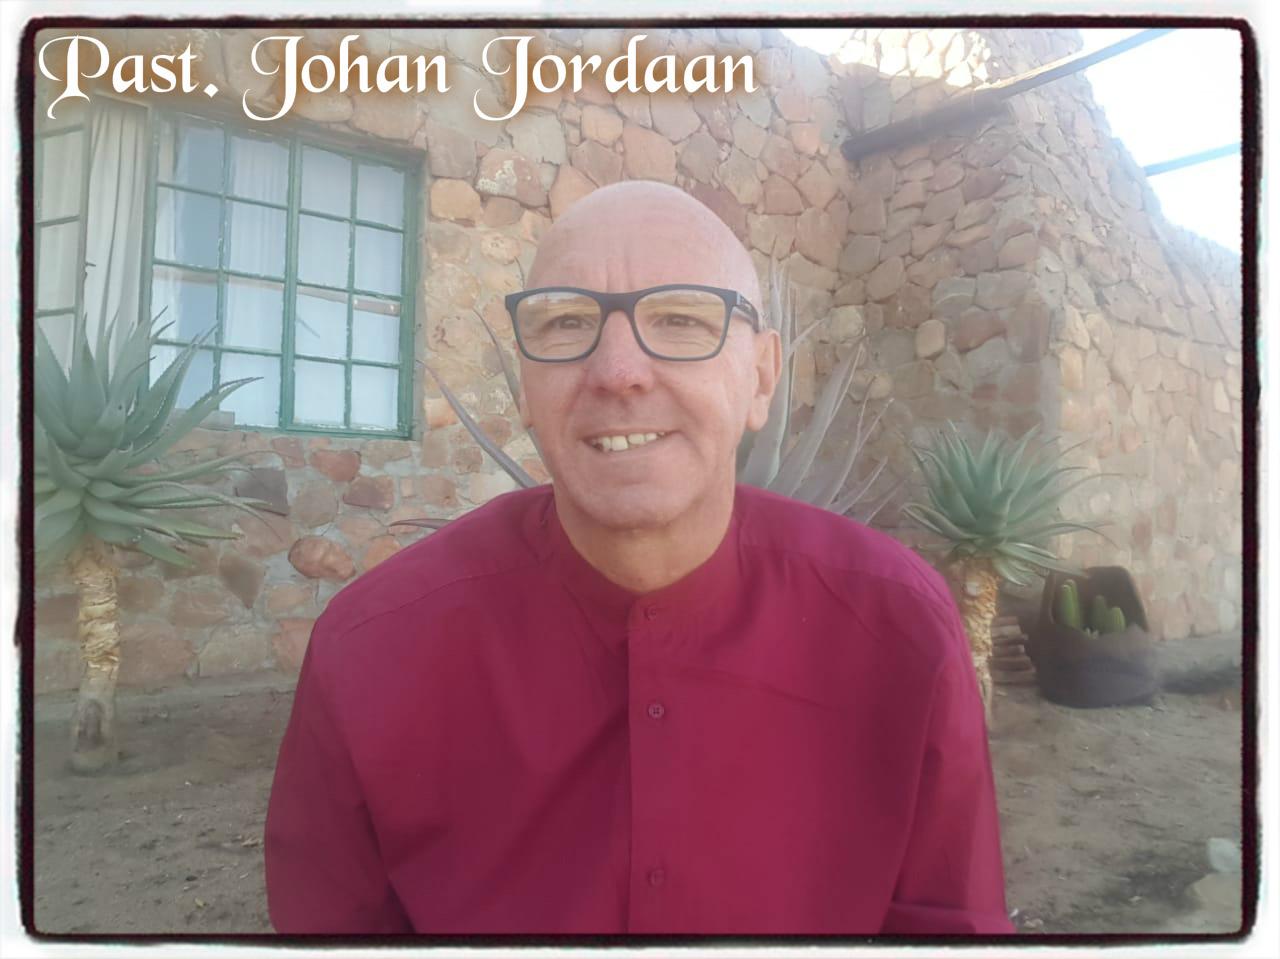 Past. Johan Jordaan